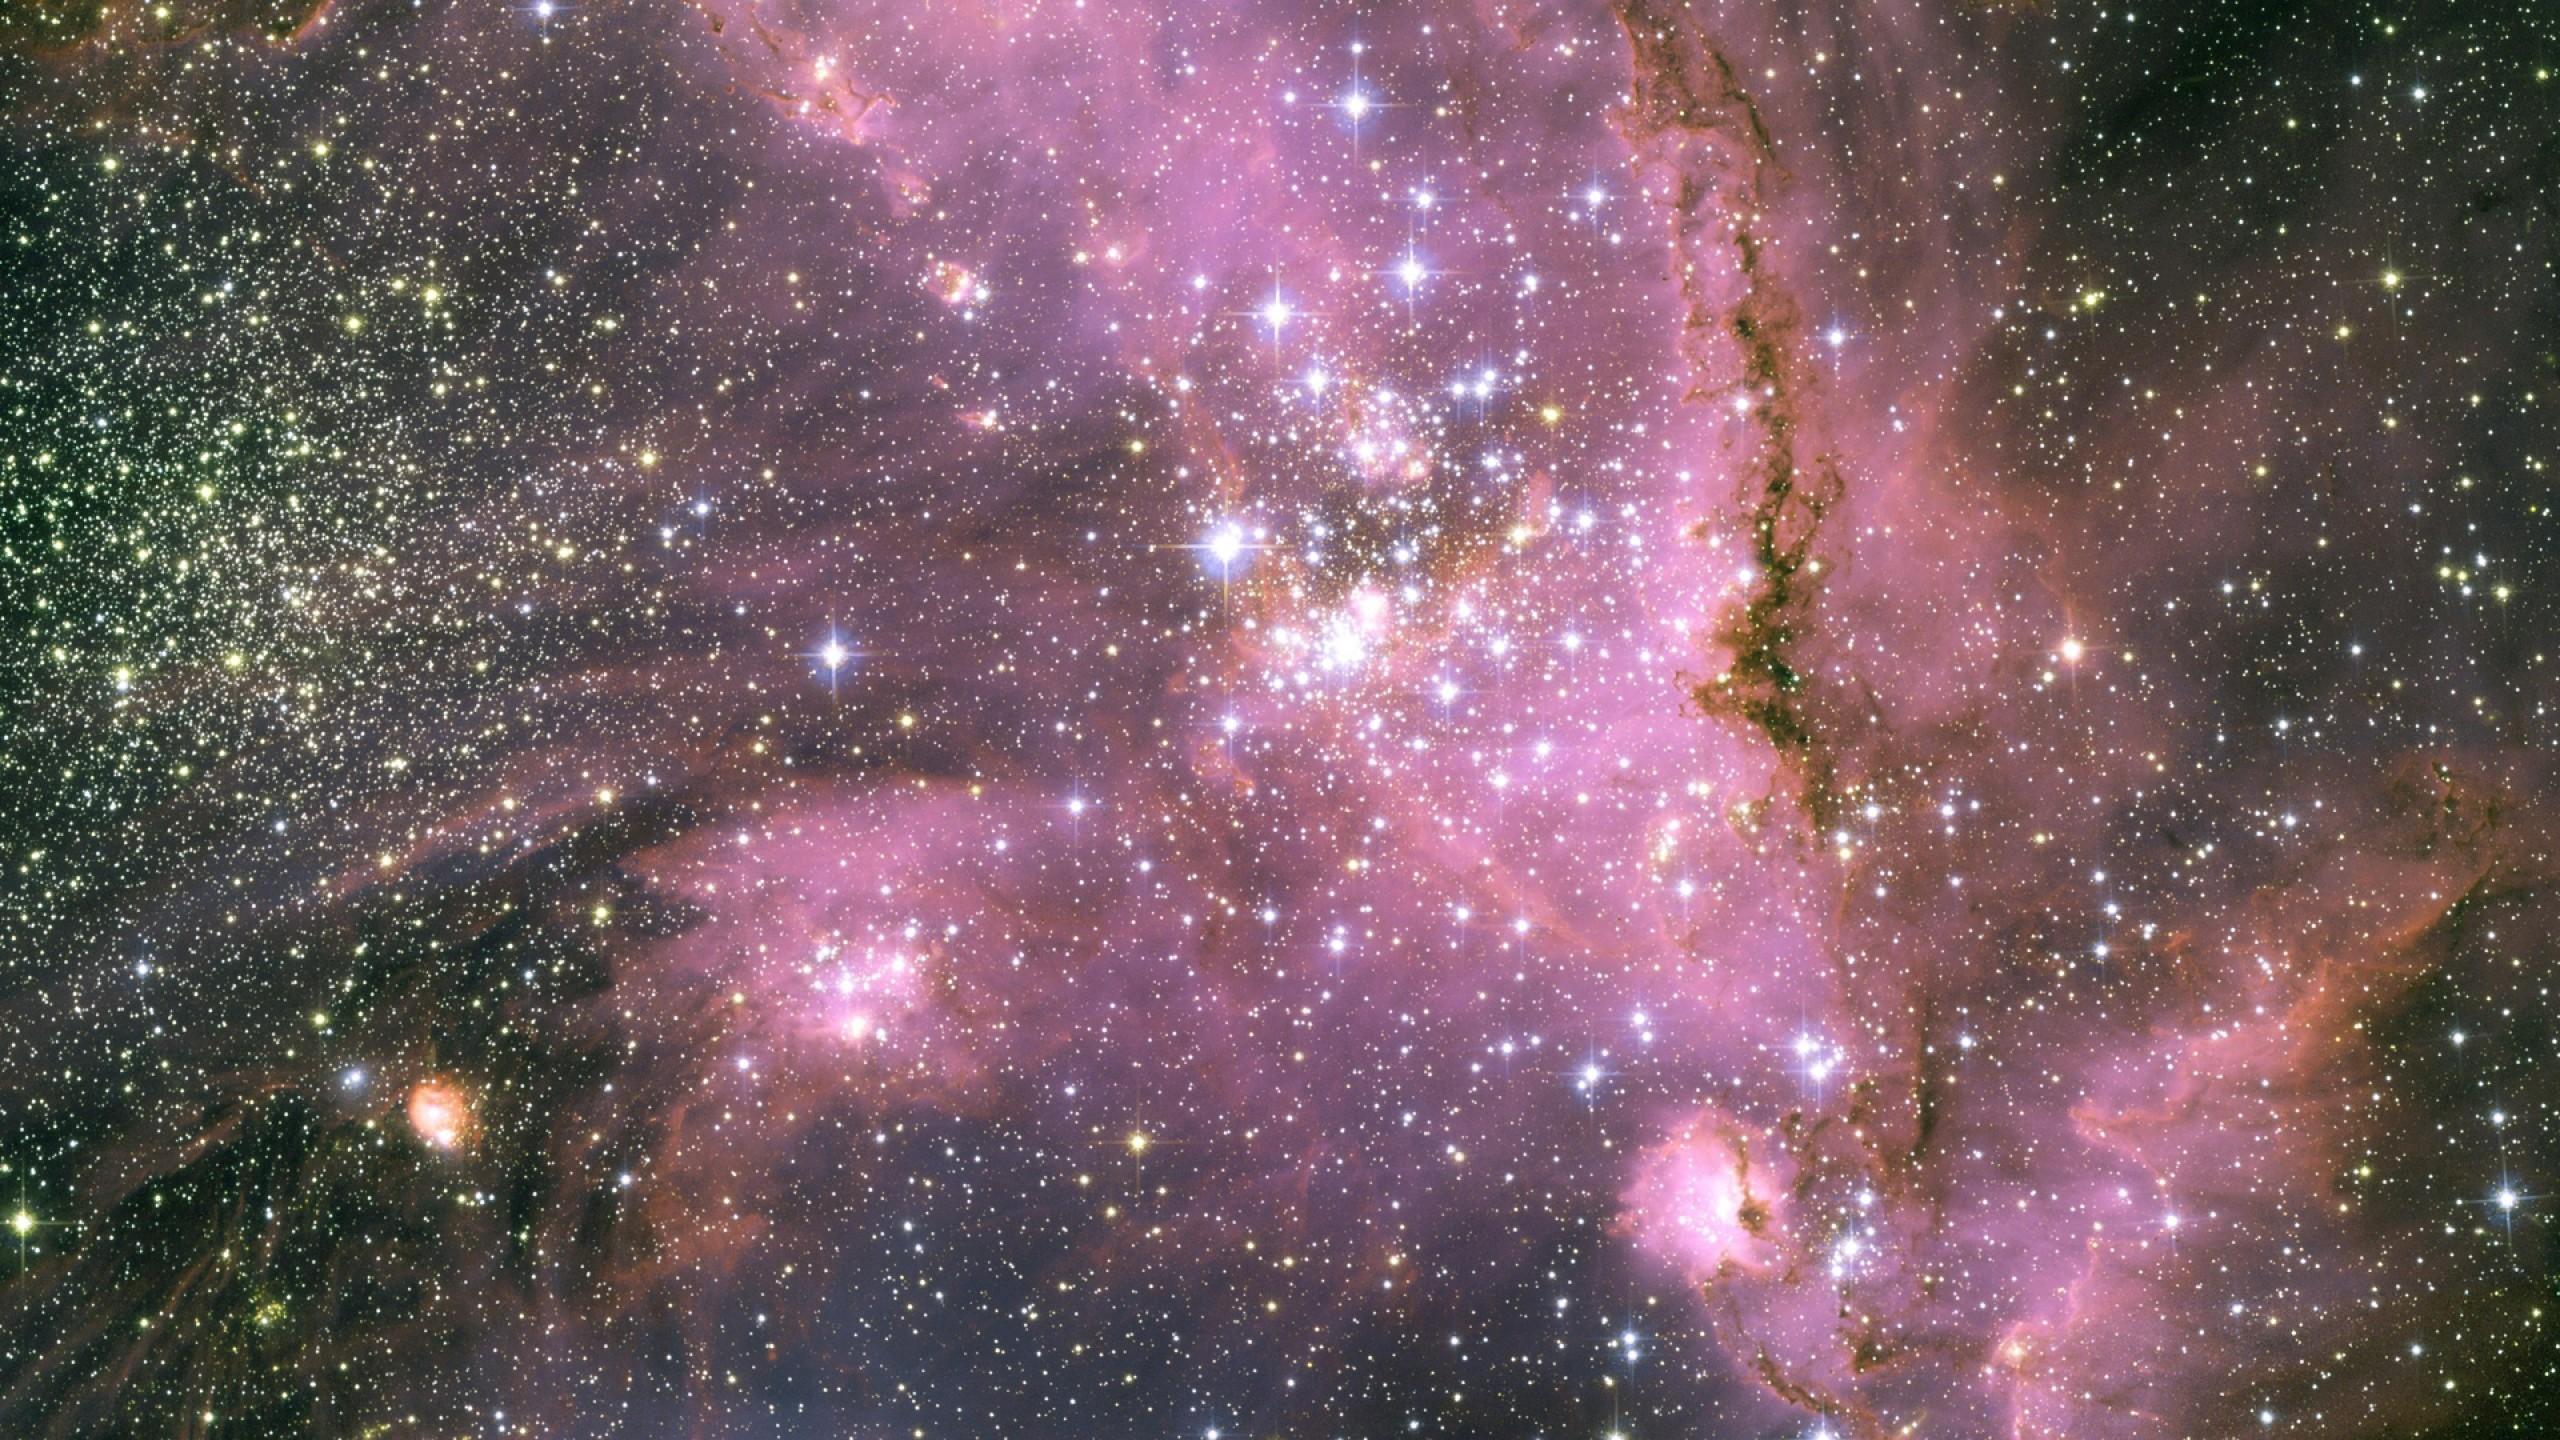 Download Wallpaper Stars, Pink, Light, Galaxy Mac iMac 27 HD .